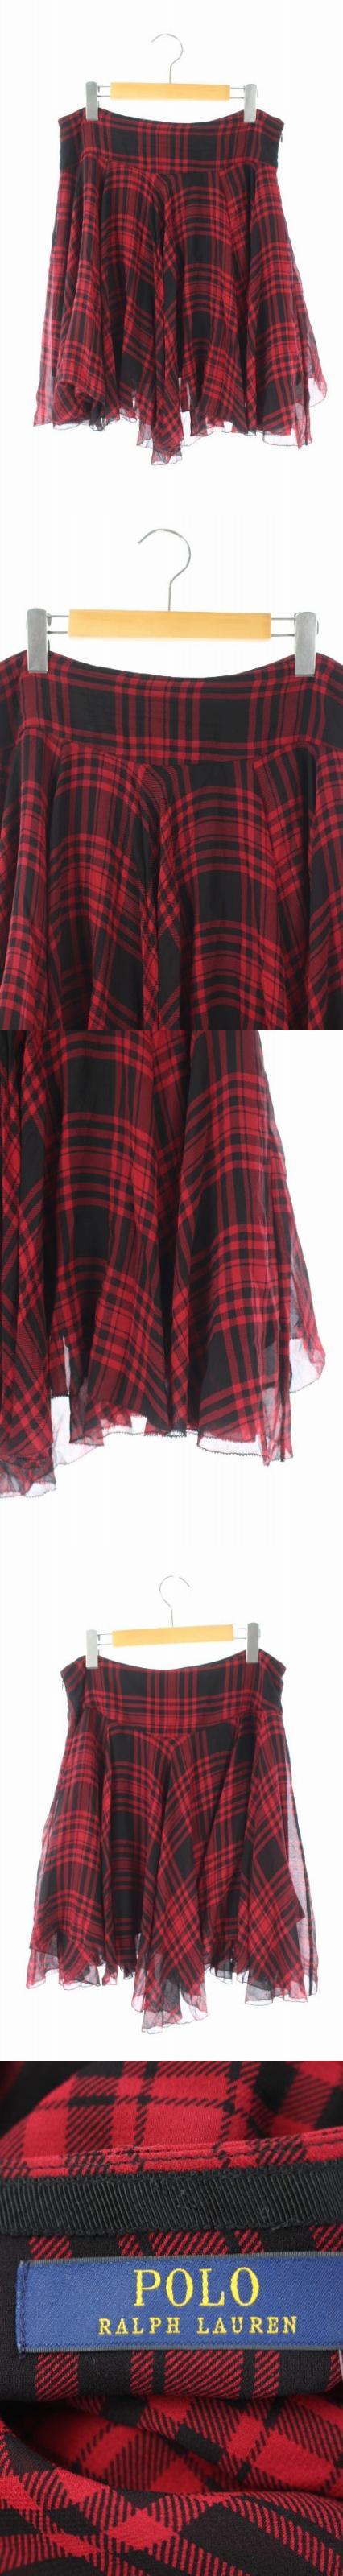 スカート シフォン チェック ひざ丈 フレア 6 赤 黒 /AO ■OS